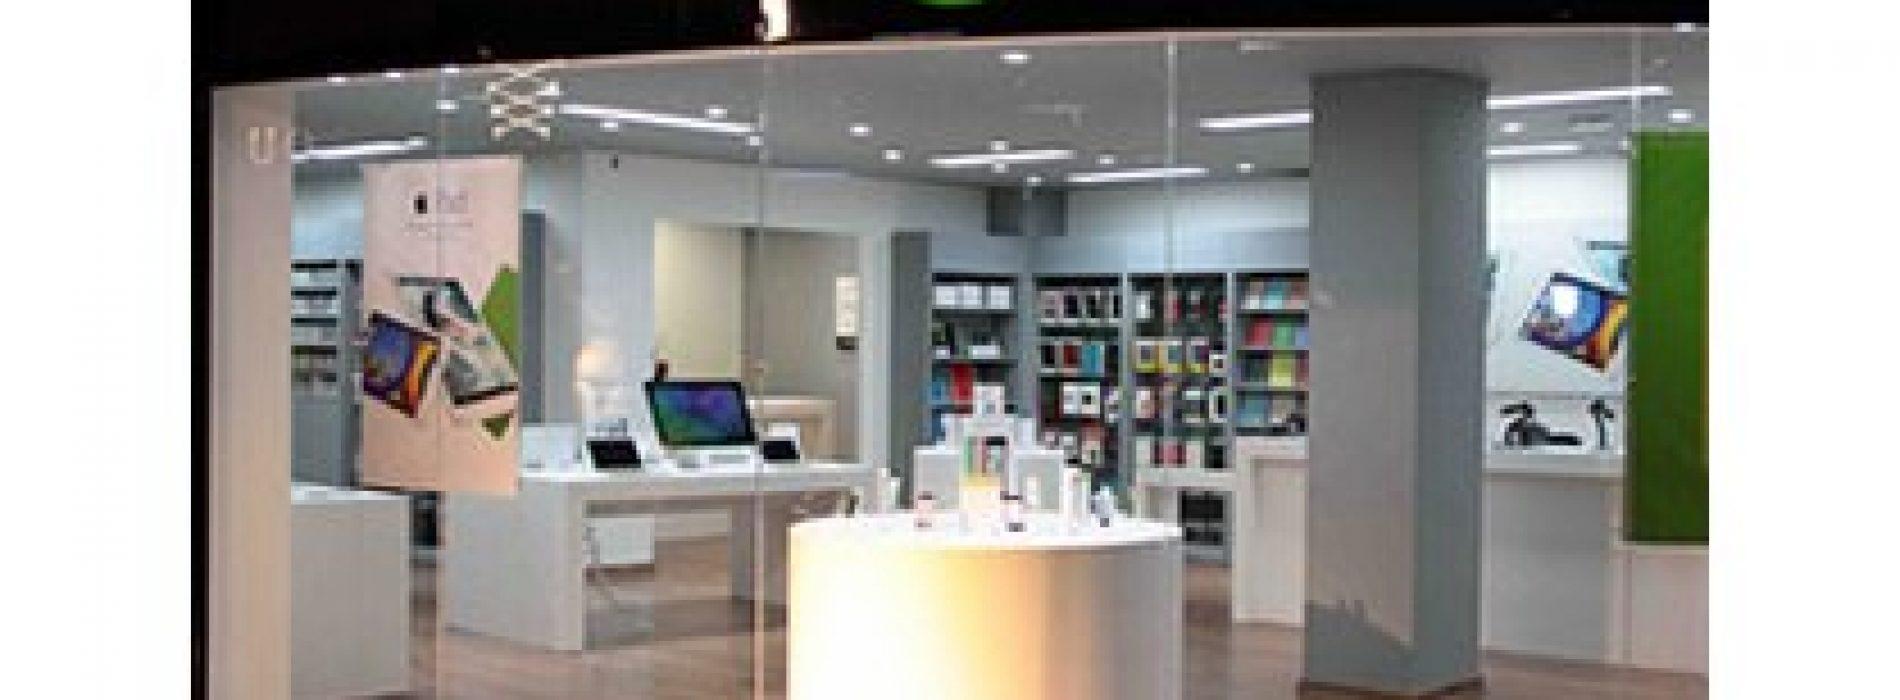 iPlace expande lojas e reforça o foco em marca própria